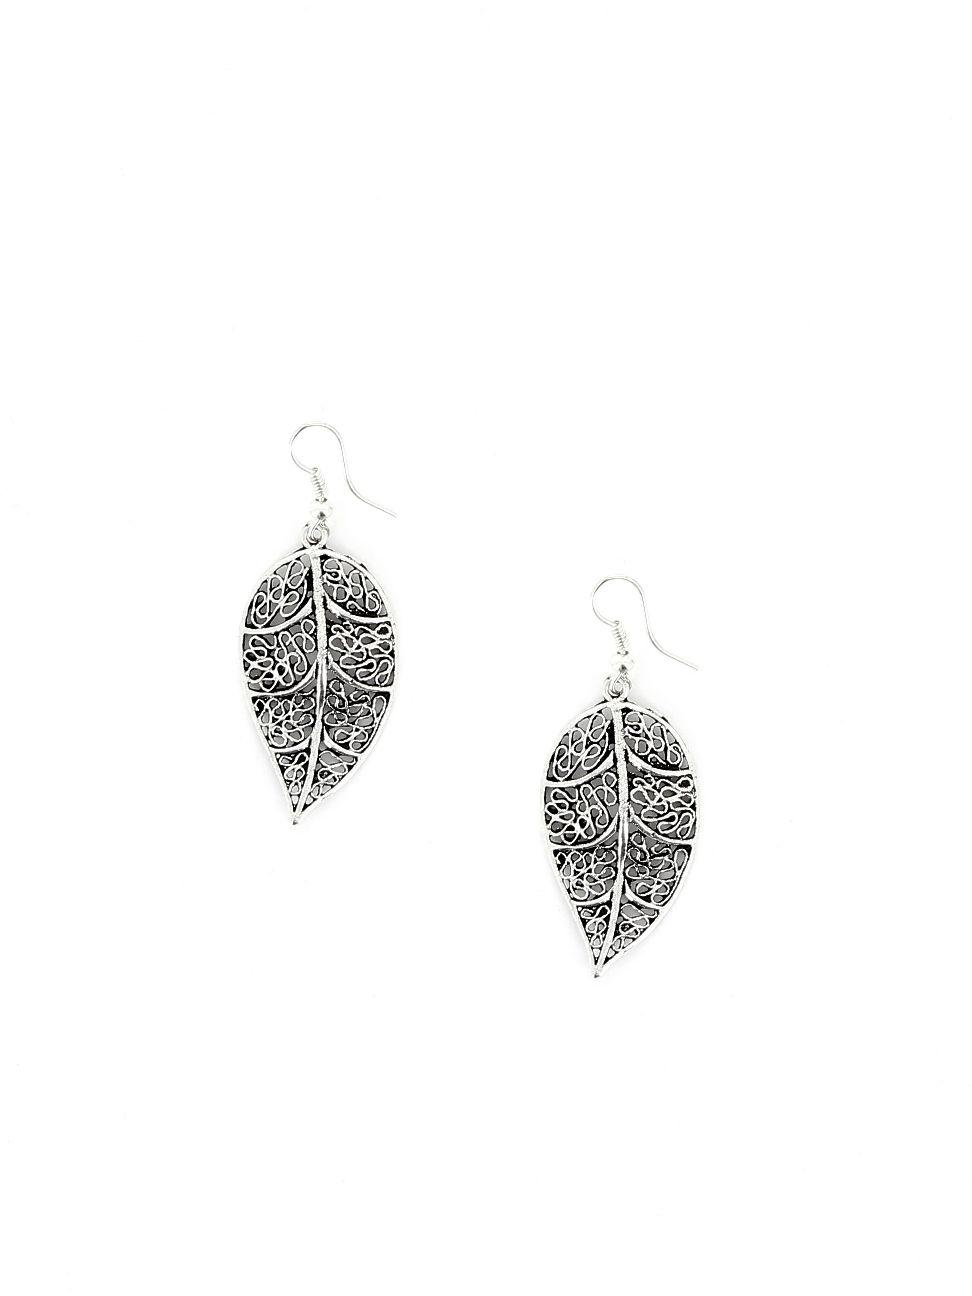 Boucles d'oreilles Arbela http://www.diwali-paris.com/nouvelle-collection/nouvelle-collection-type-de-produit/bijoux/bijoux-boucles-d-oreilles-argente-metal-chic.html